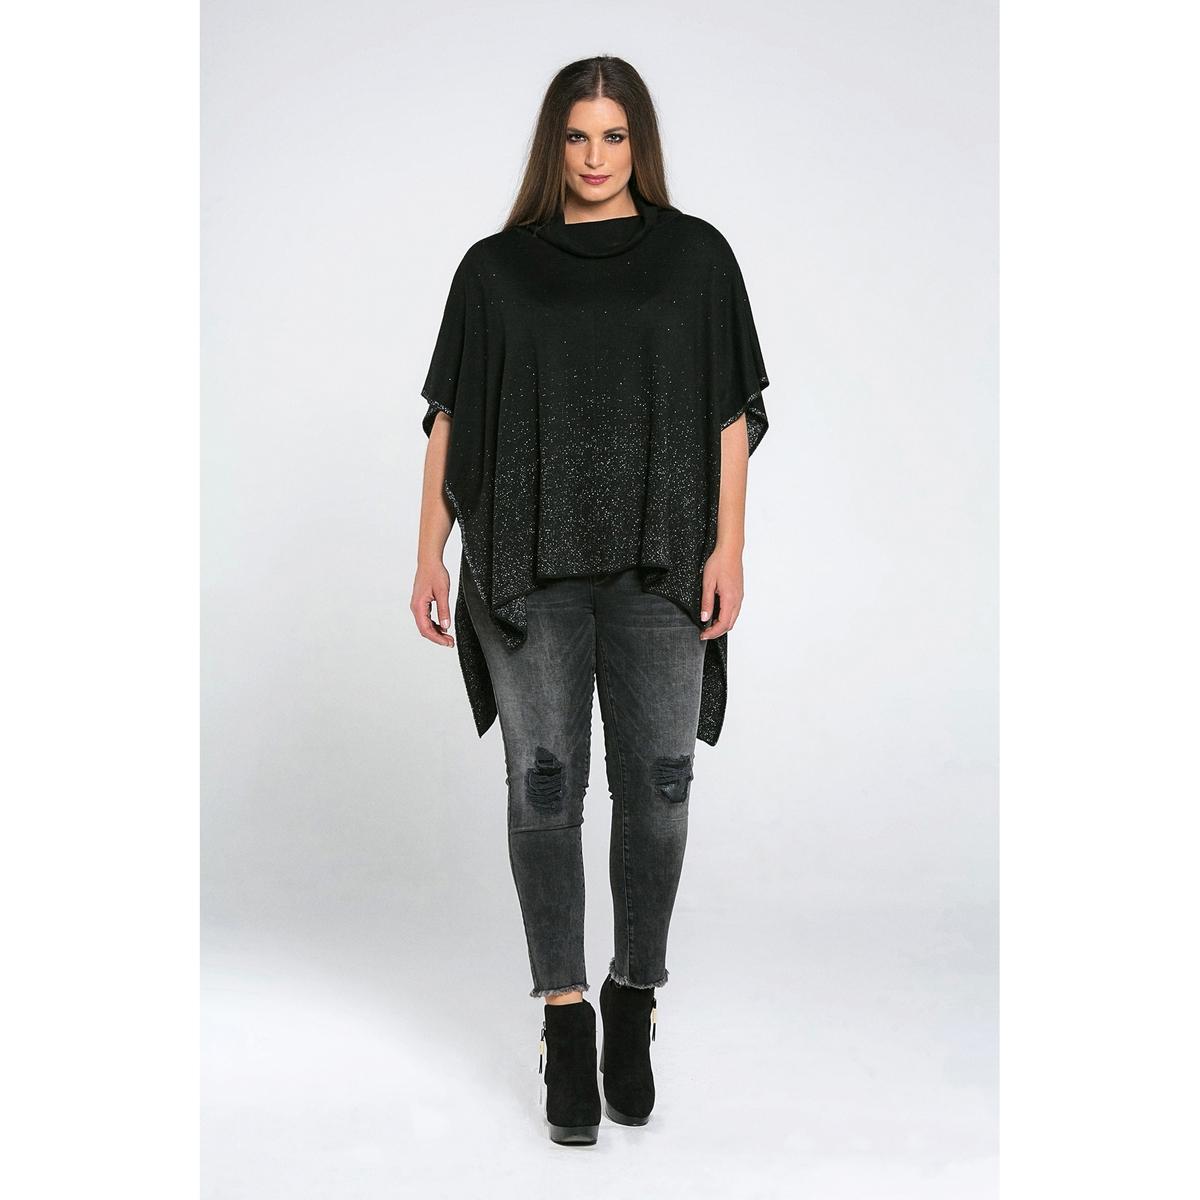 Кардиган с воротником-стойкой rnt23 черный пиджак с воротником стойкой